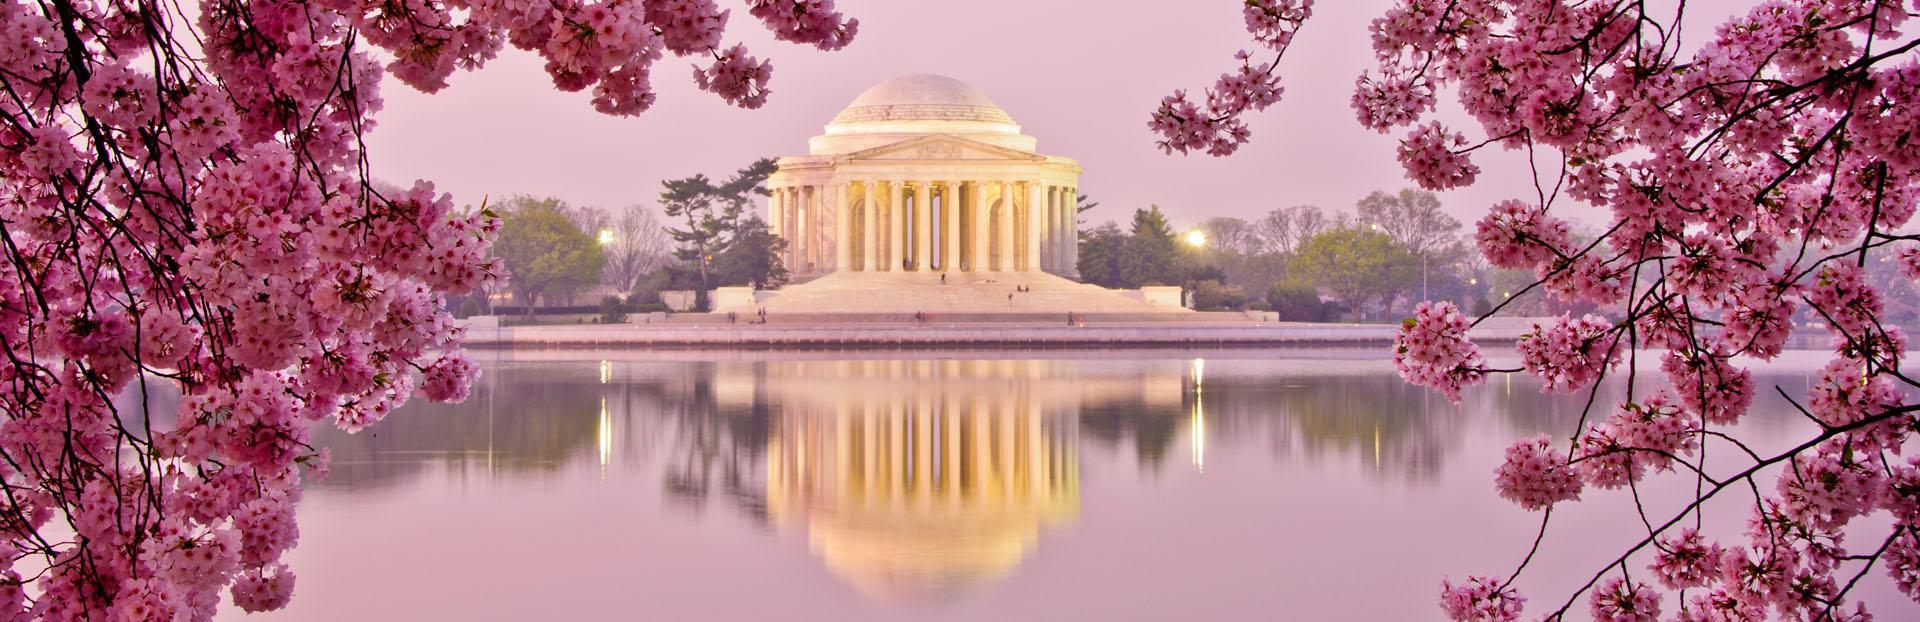 Washington, D.C. audio tour: A Blossoming Friendship